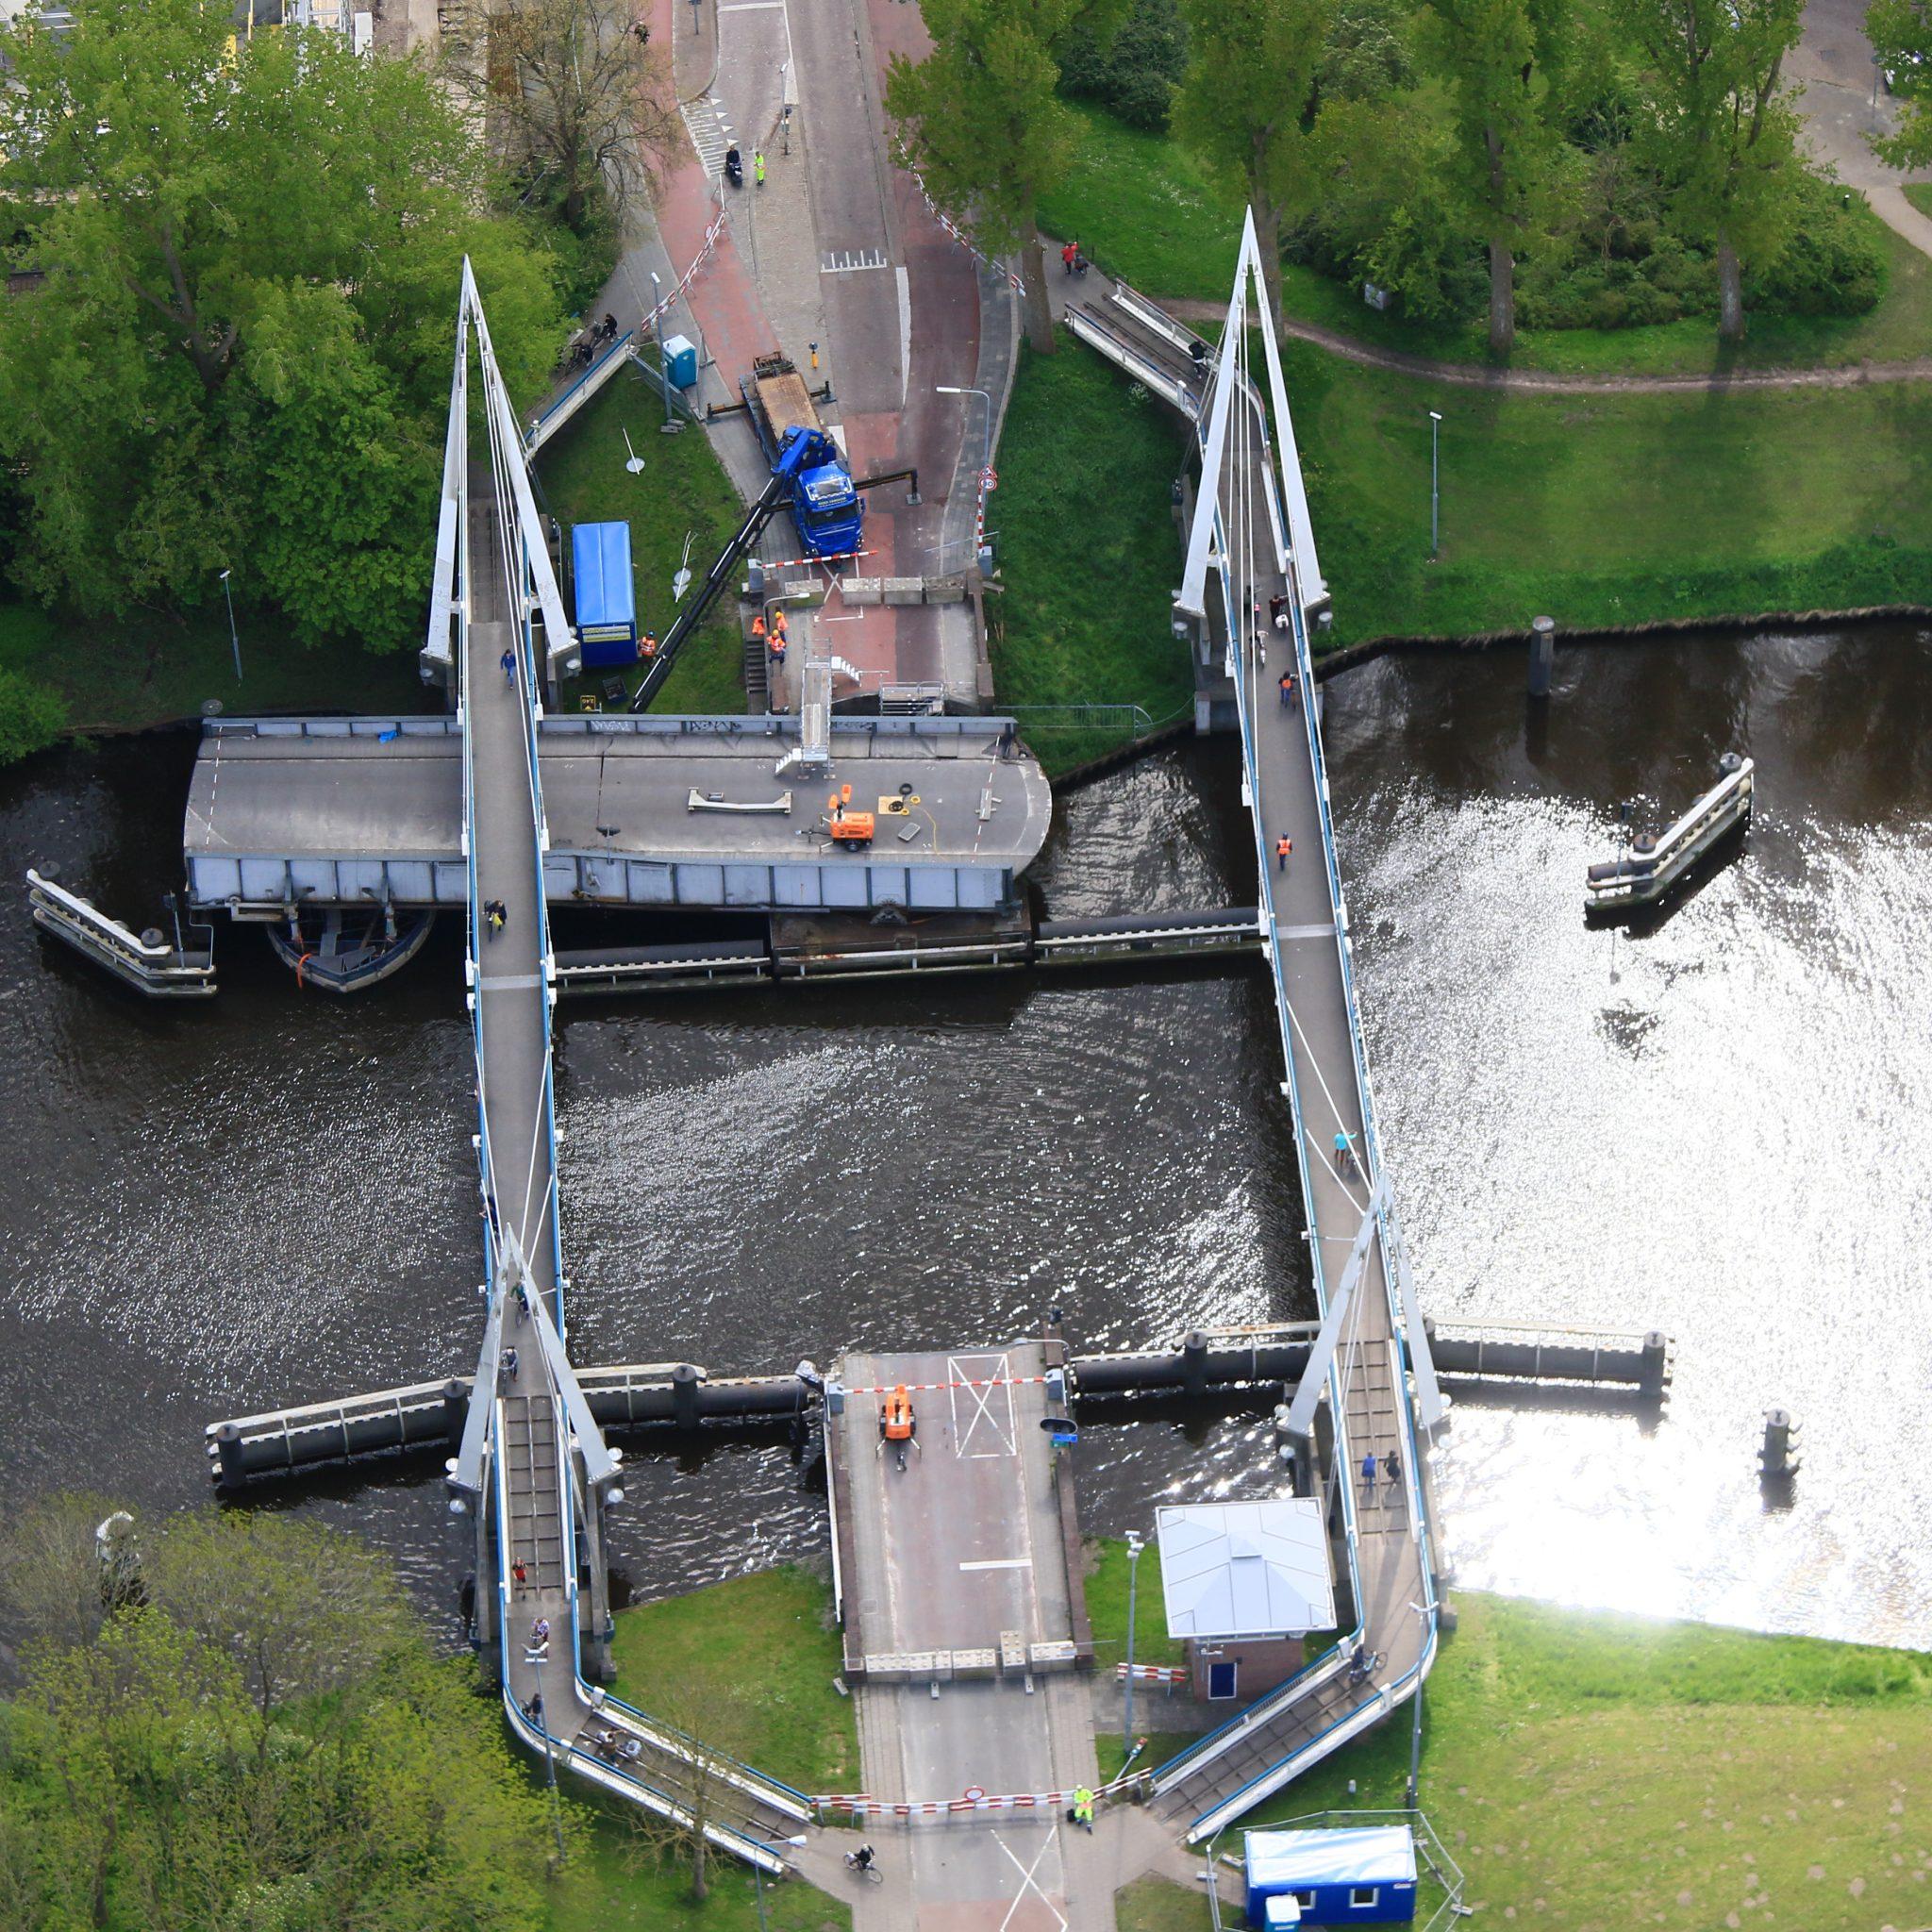 De aangevaren Gerrit Krolbrug werd aan de kant geschoven voor het scheepvaartverkeer, maar moet worden verplaatst voor nader onderzoek. (Foto Rijkswaterstaat)